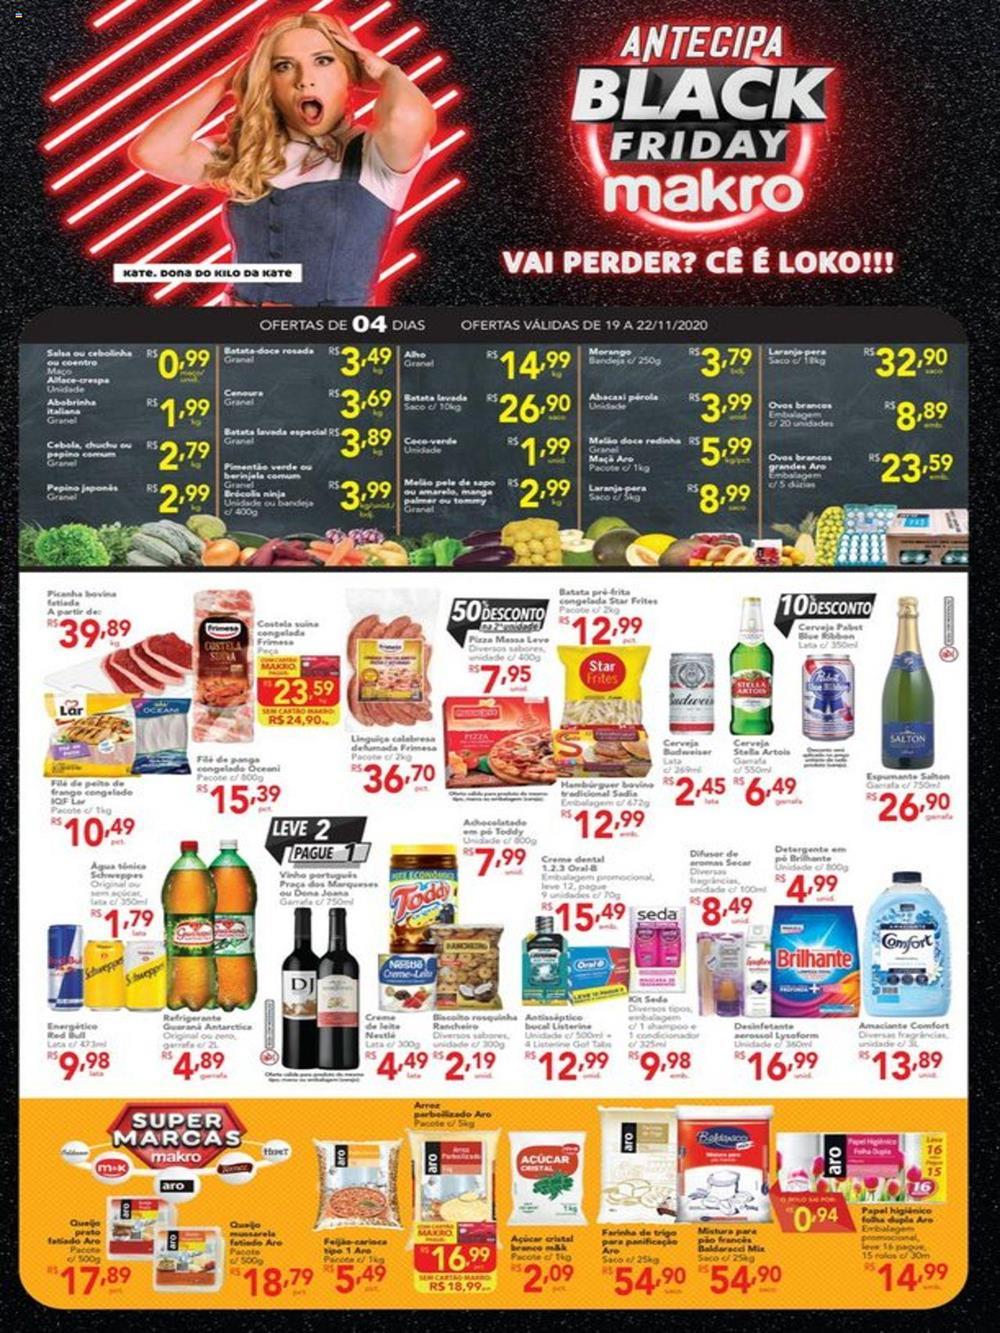 makro-ofertas-descontos-hoje1 Blaci Friday Folhetos atuais